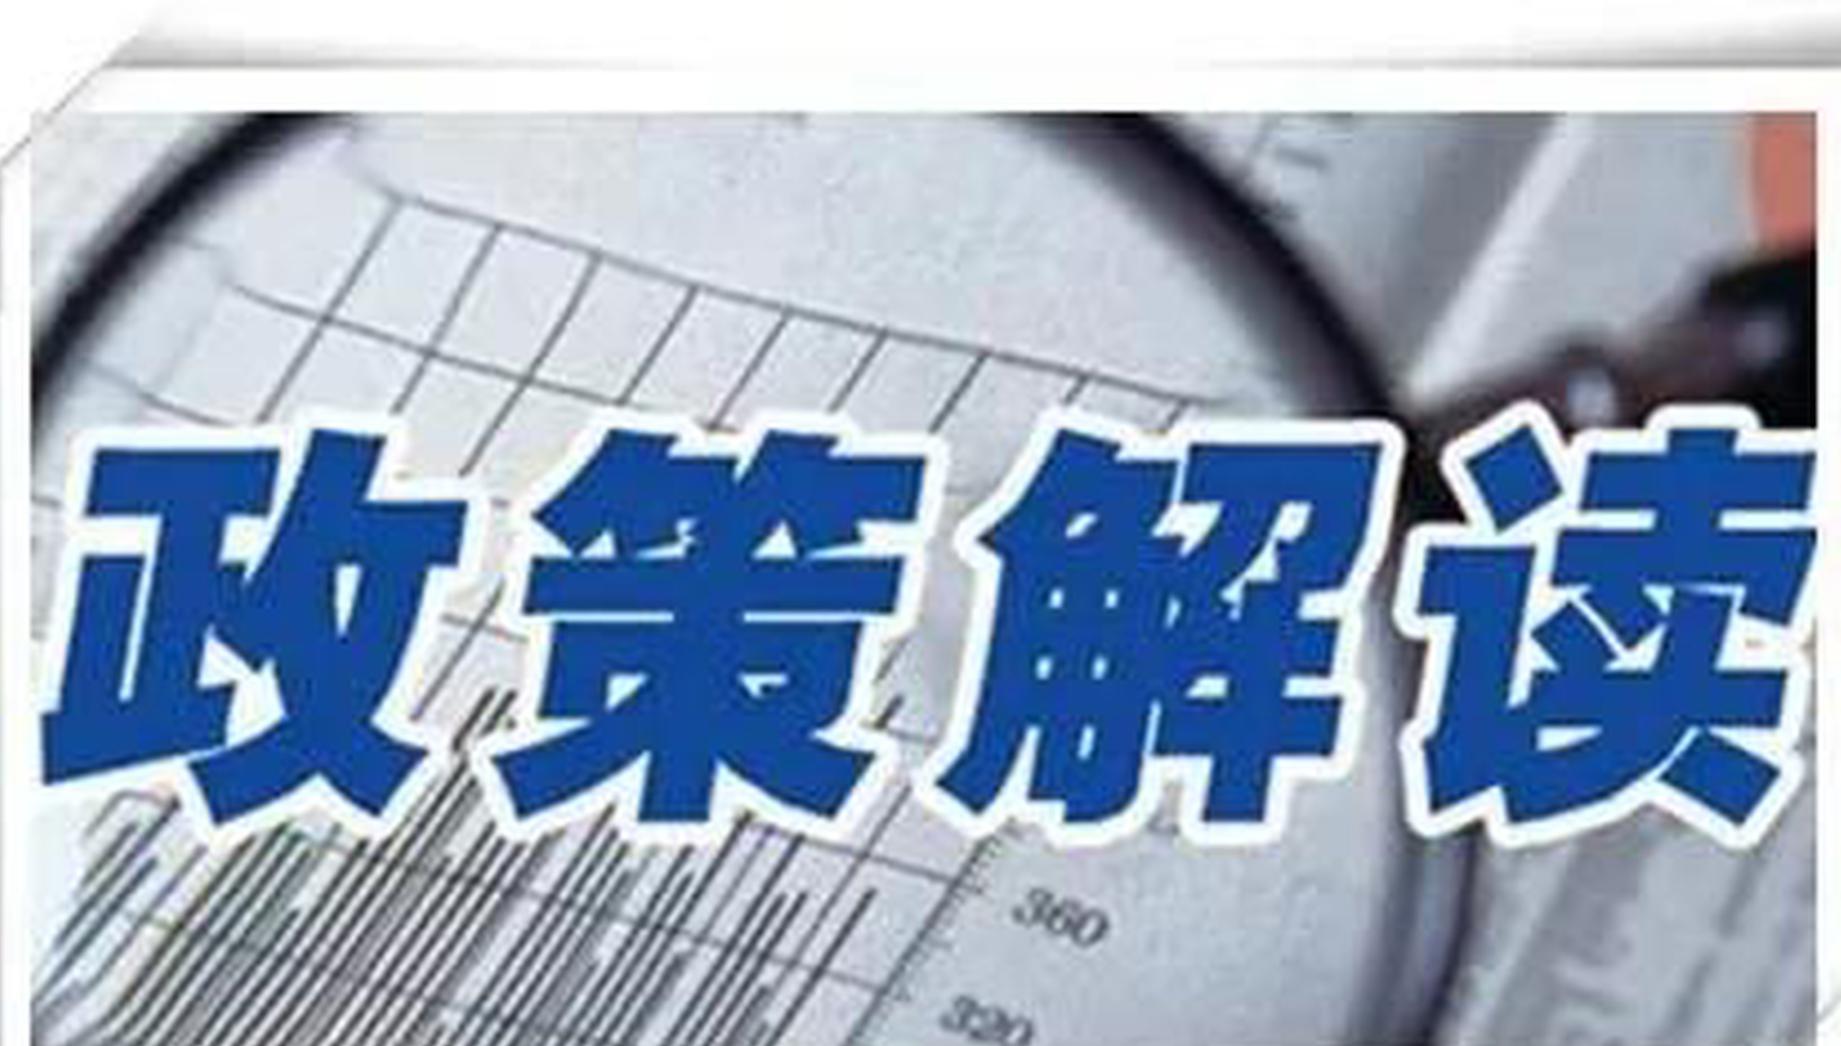 江西省2020年成人高考招生录取时间和录取照顾政策